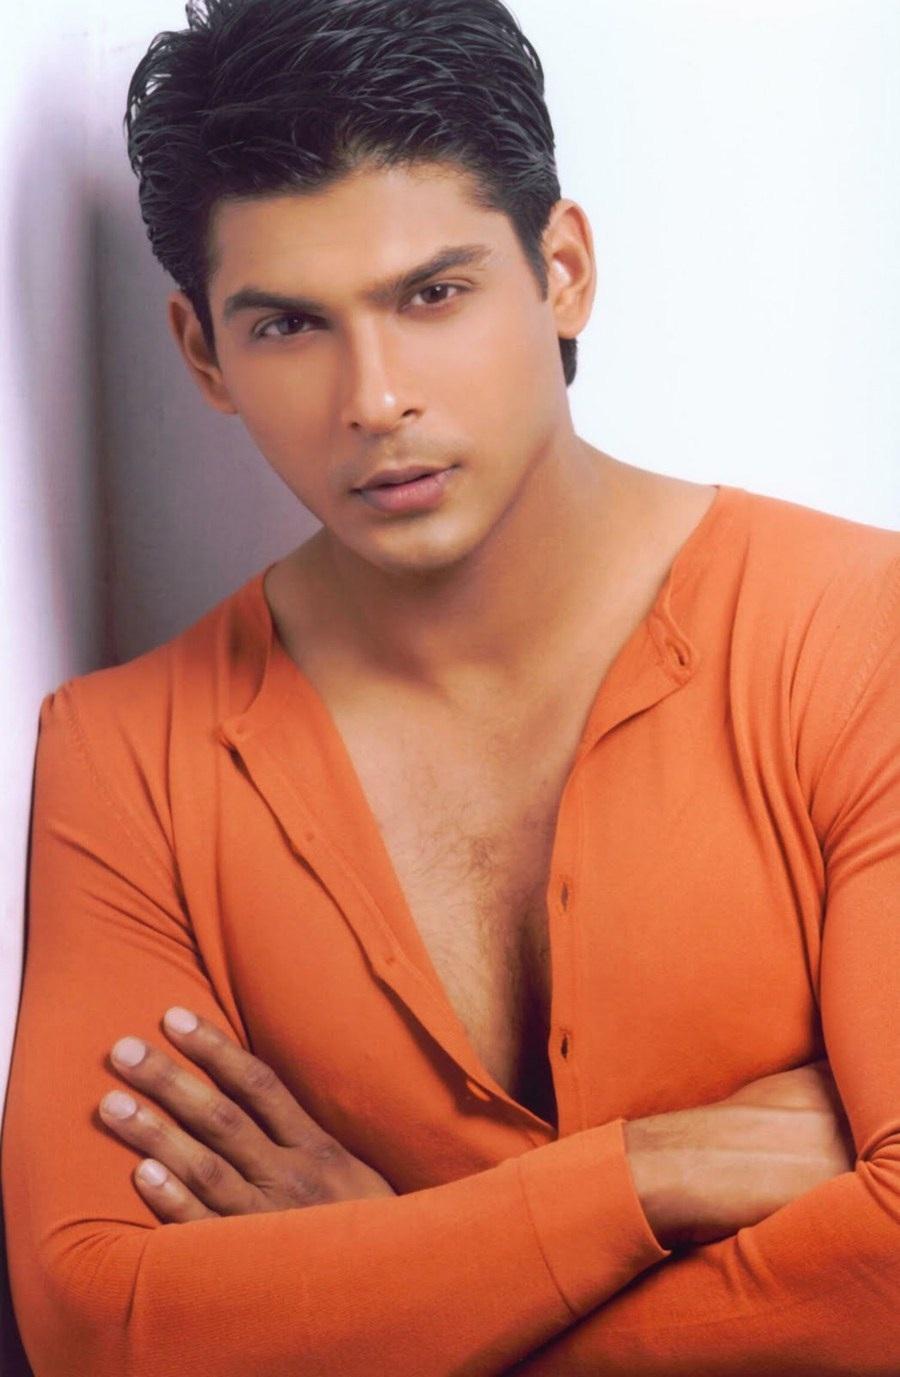 Ở Ấn Độ, Siddharth Shukla được mệnh danh 1 trong những chàng độc thân hot nhất trong làng giải trí. Ảnh: TL.